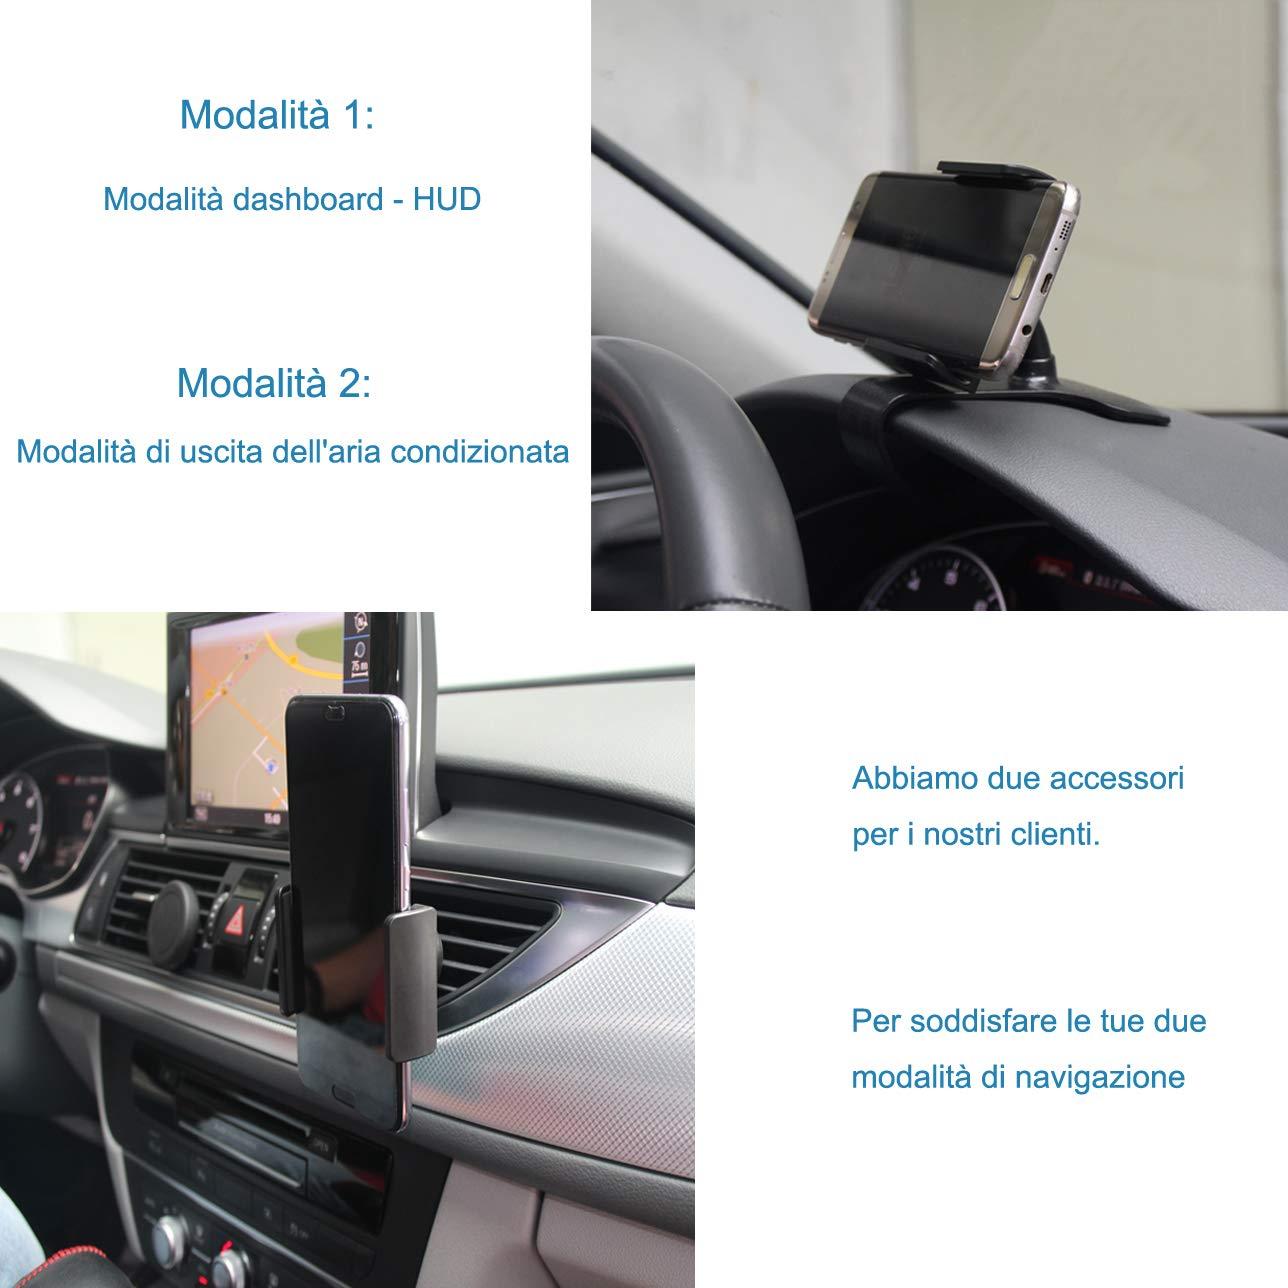 ZOORE Supporto Telefono per Auto, Porta Cellulare per Bocchette dell\'Aria, Rotazione 360 Gradi Universal iPhone Huawei Samsung GPS e Altri dispositivi Cellulari Car Regolabile cruscotto del Supporto